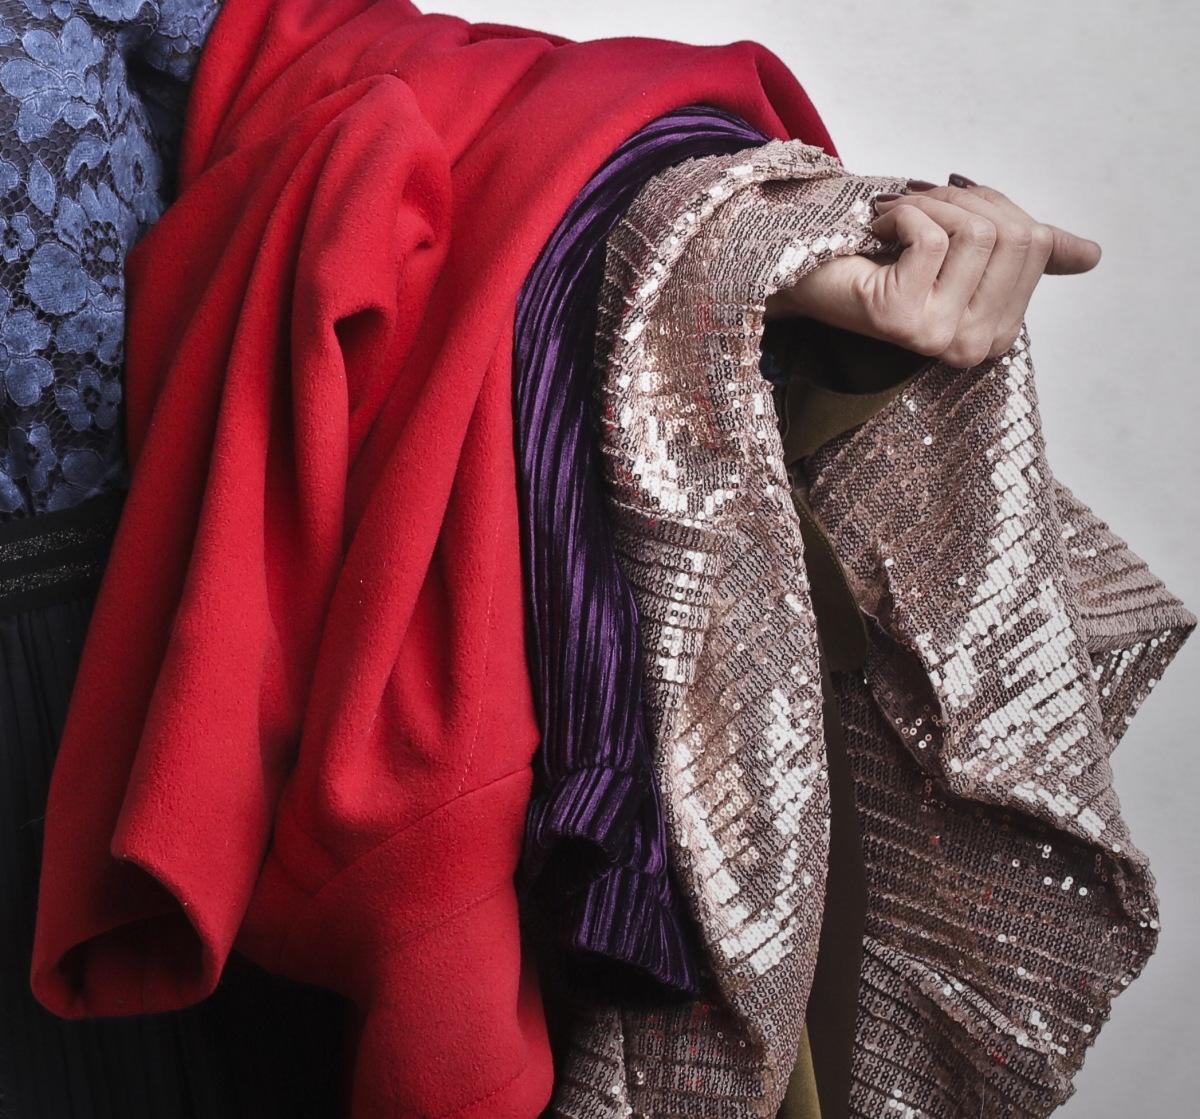 Kleidung, die über dem Arm hängt